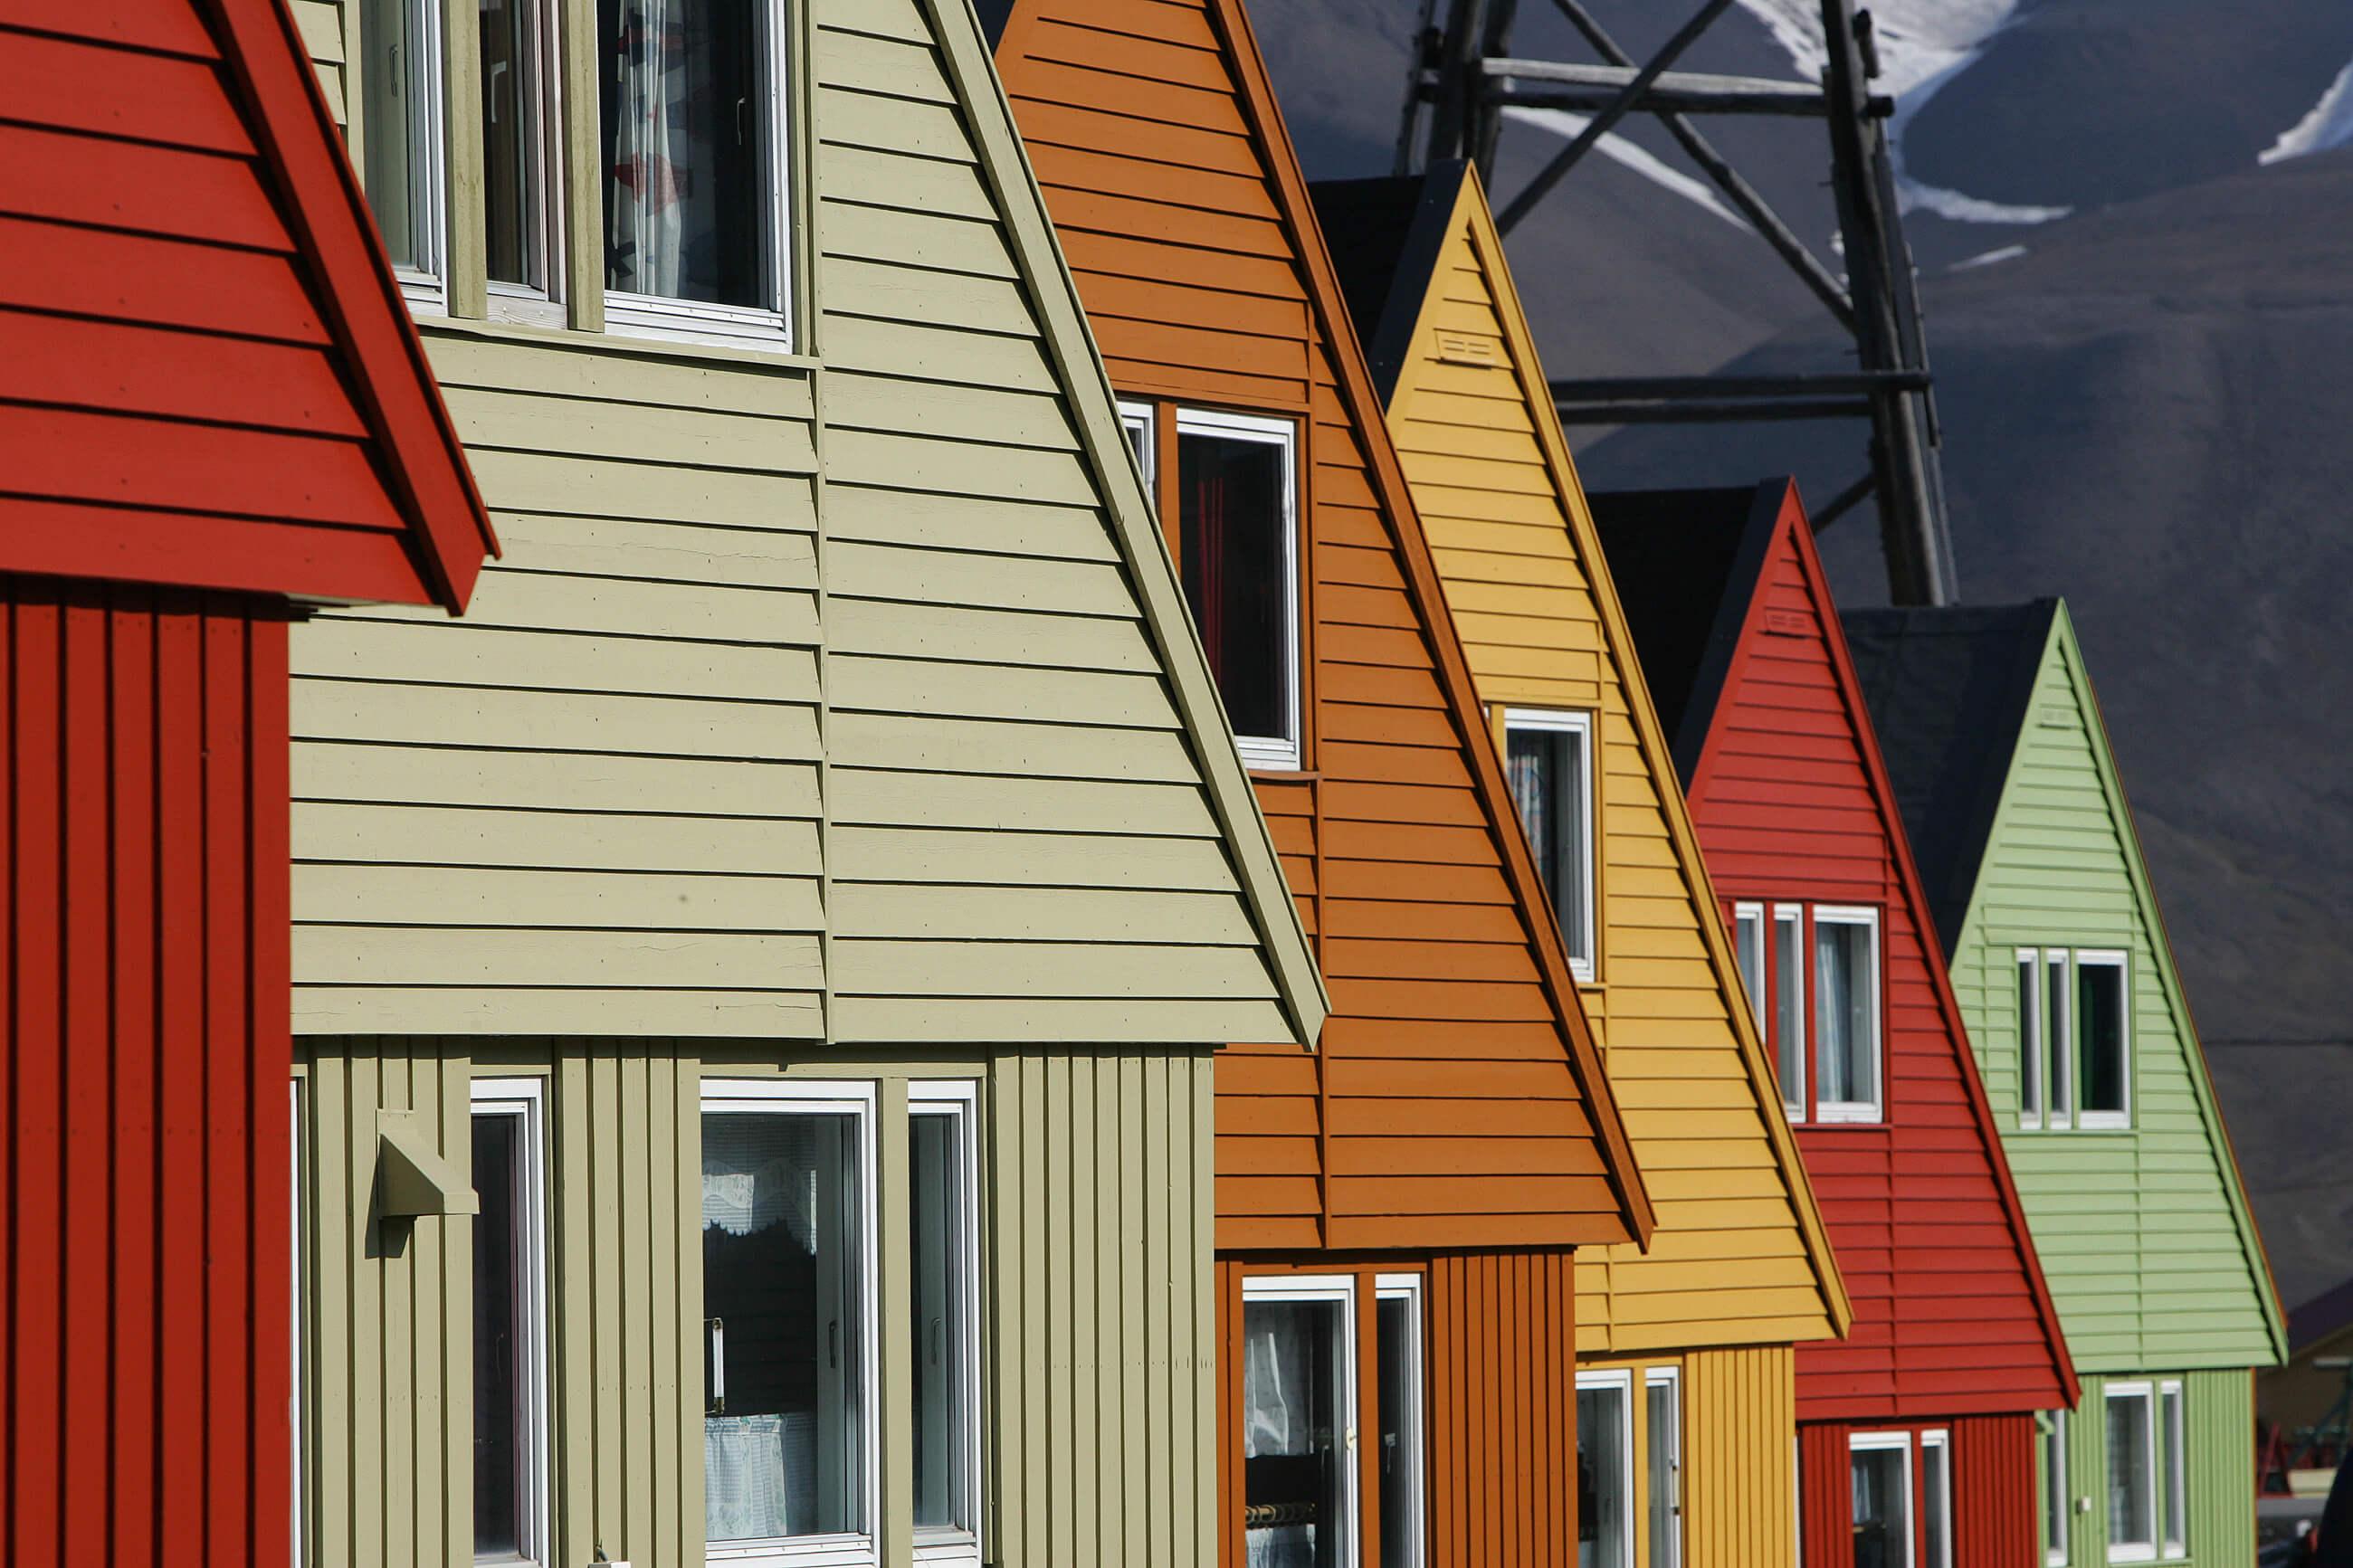 https://bubo.sk/uploads/galleries/7362/houses-longyearbyen-svalbard-hgr-42351--photo_nina__bailey-1.jpg